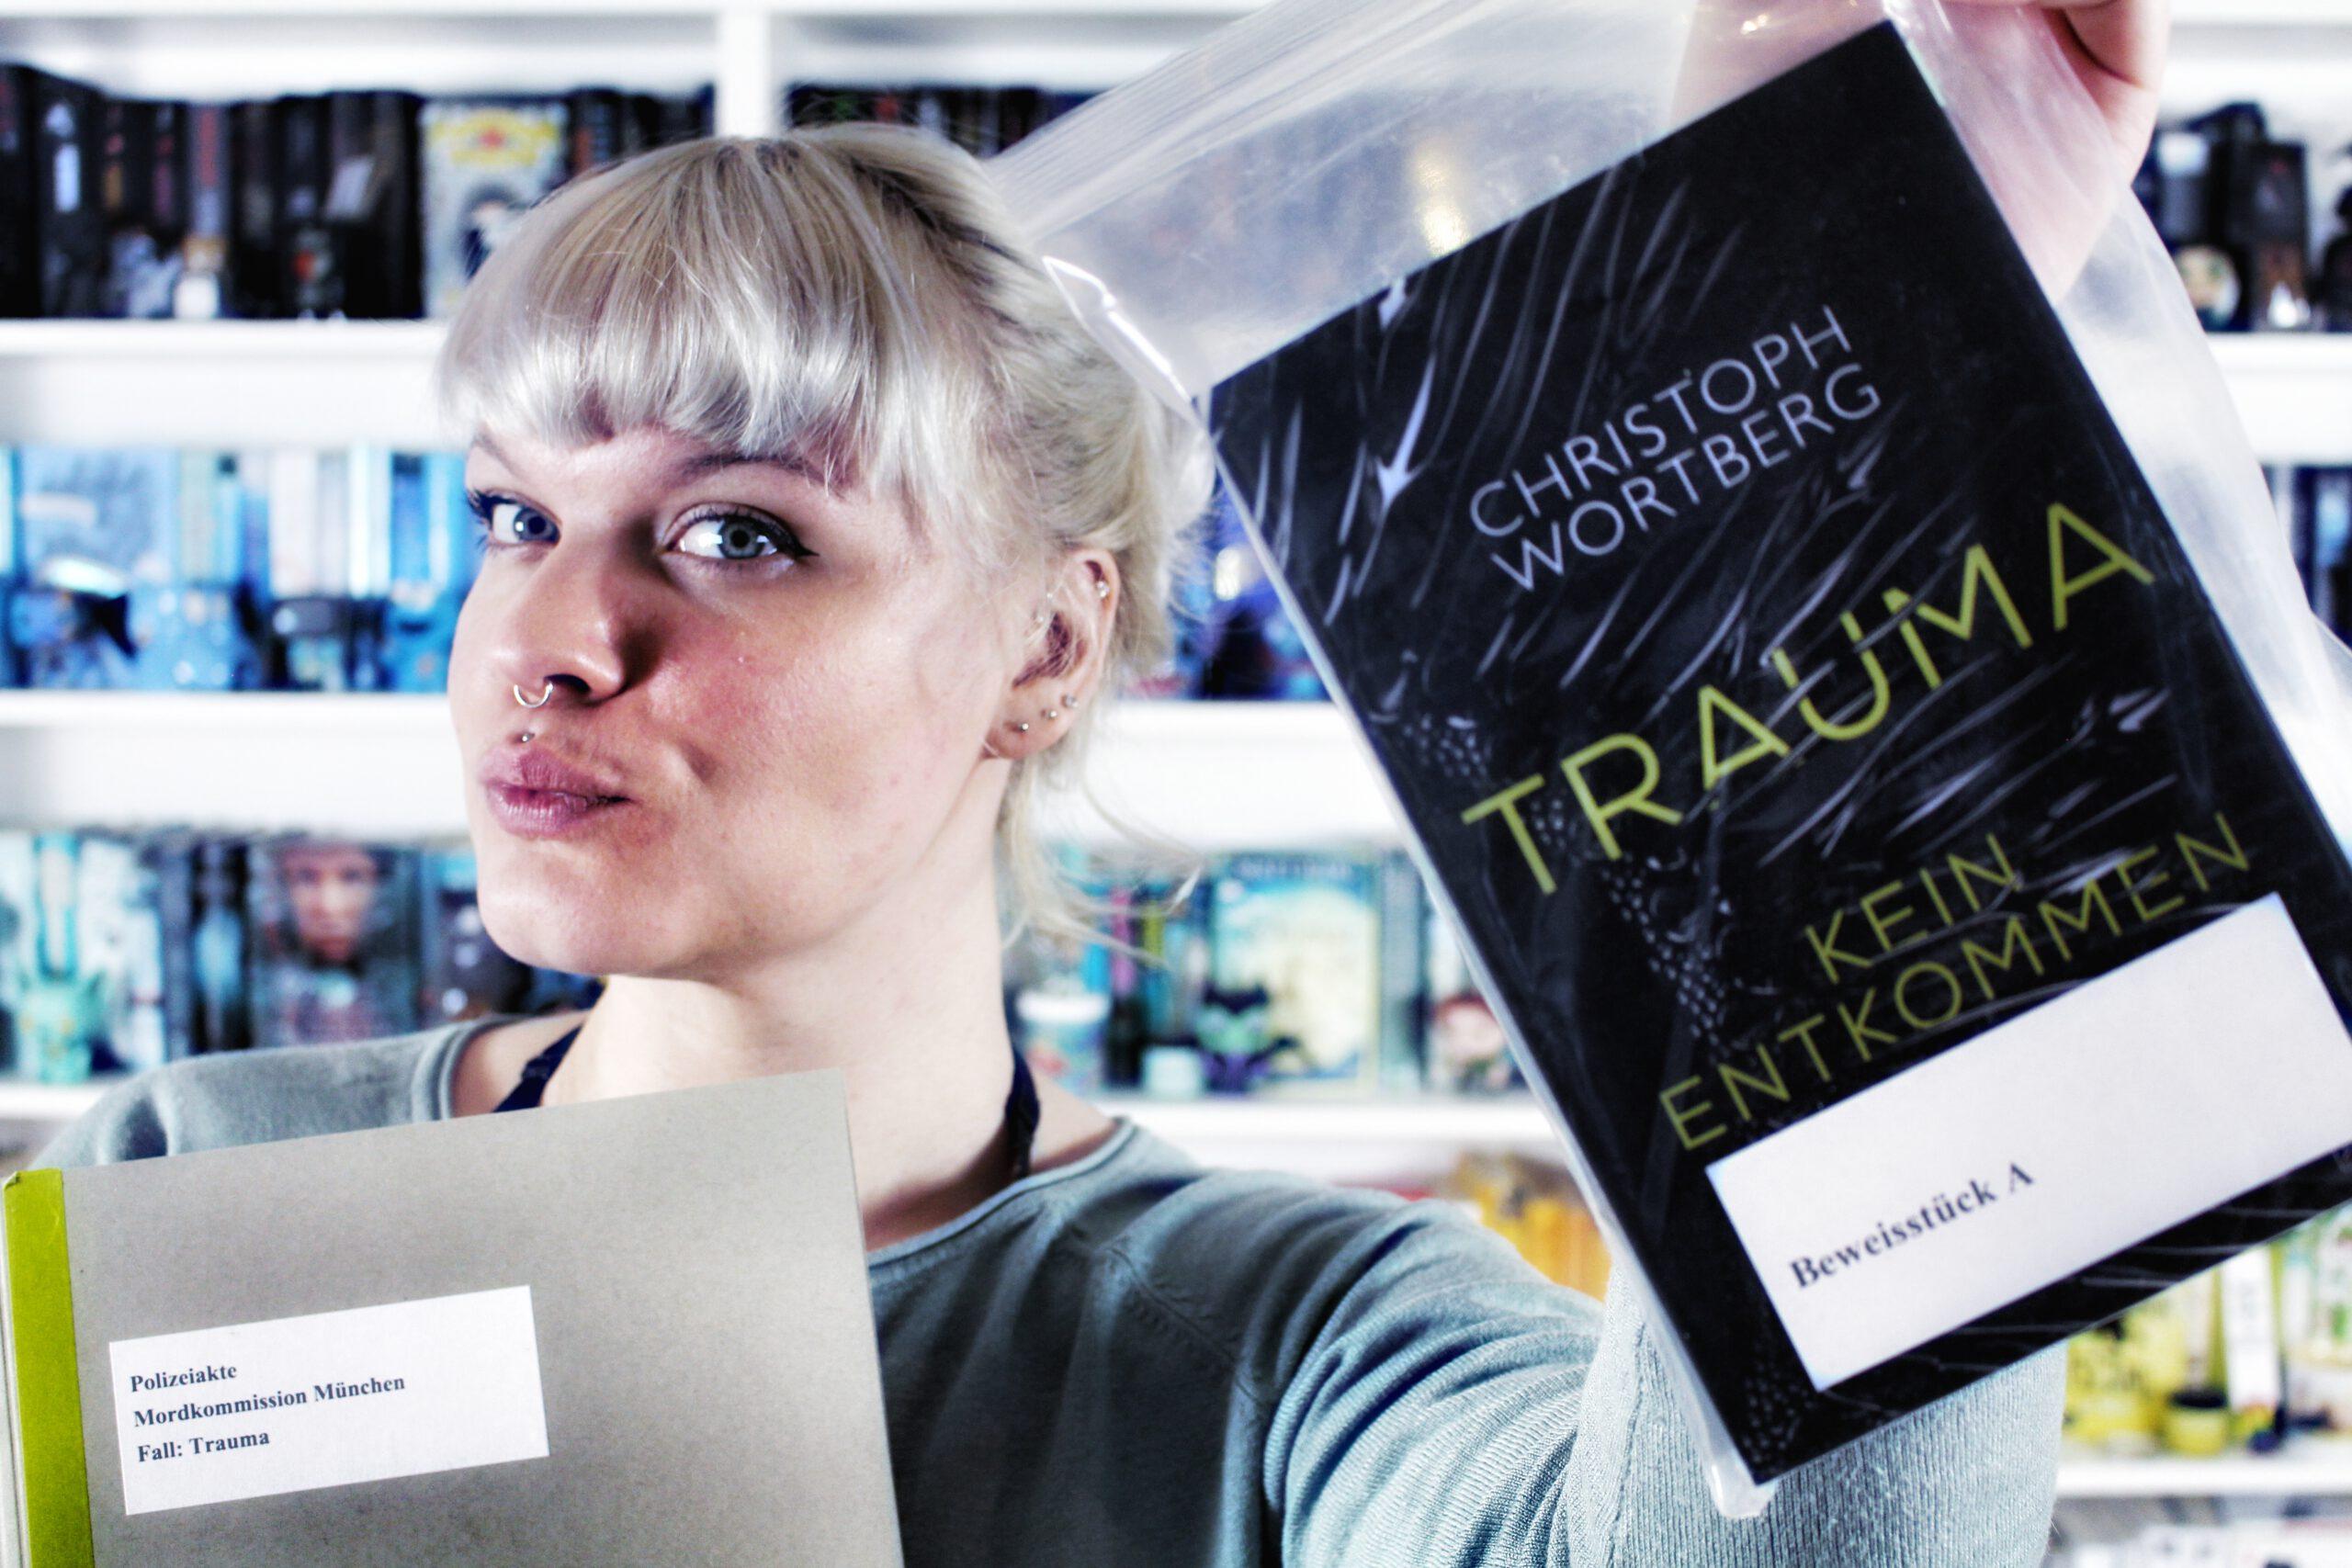 Rezension | Trauma – Kein Entkommen von Christoph Wortberg